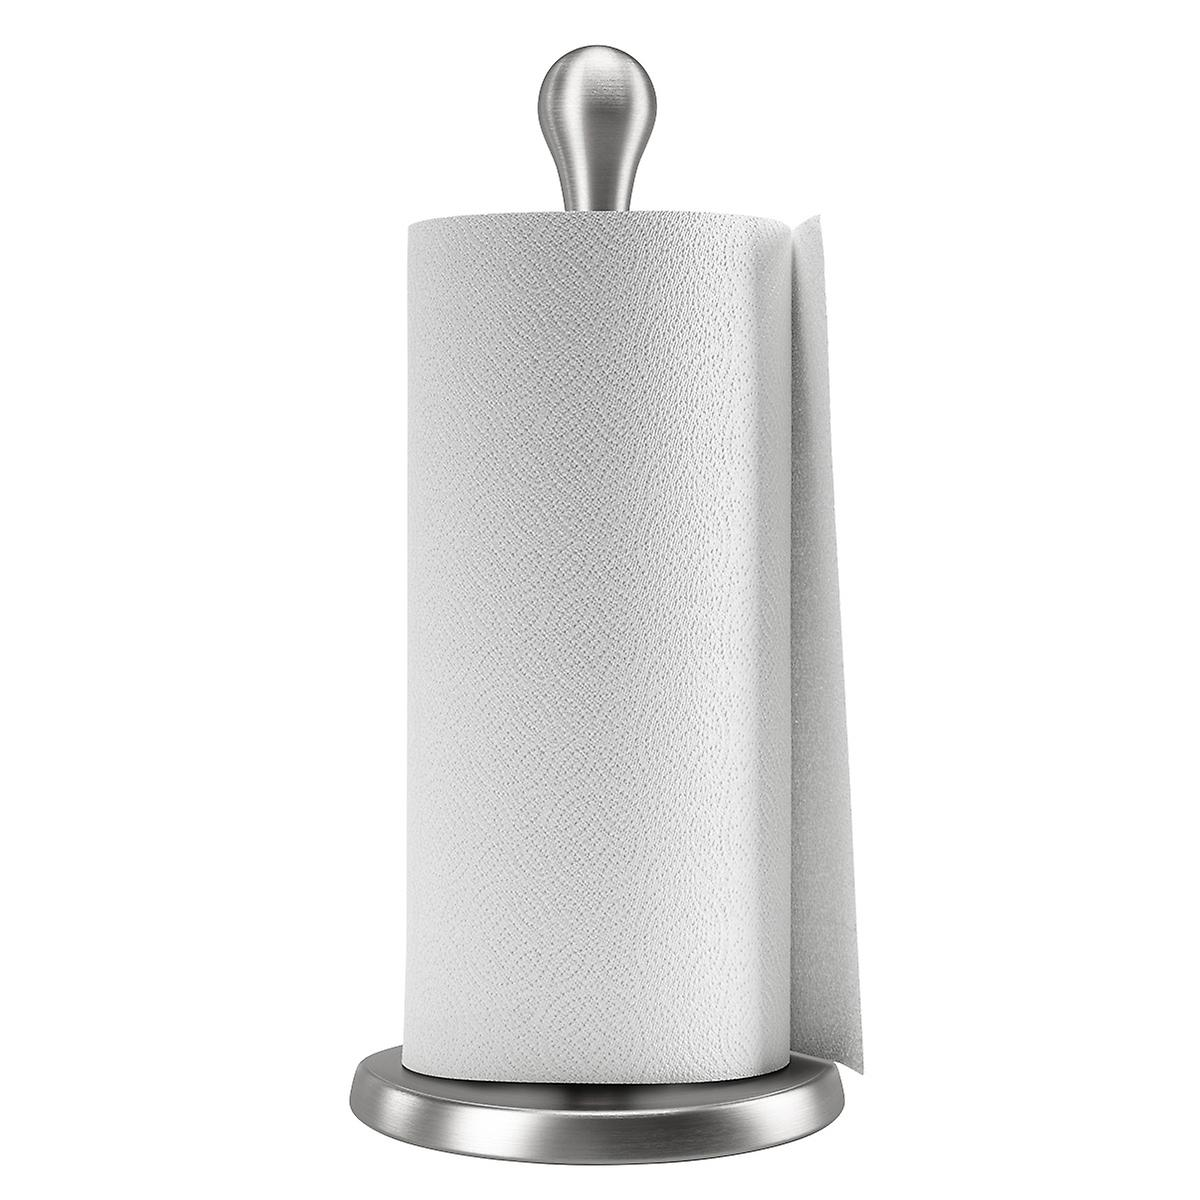 Nickel Tug Paper Towel Holder by Umbra